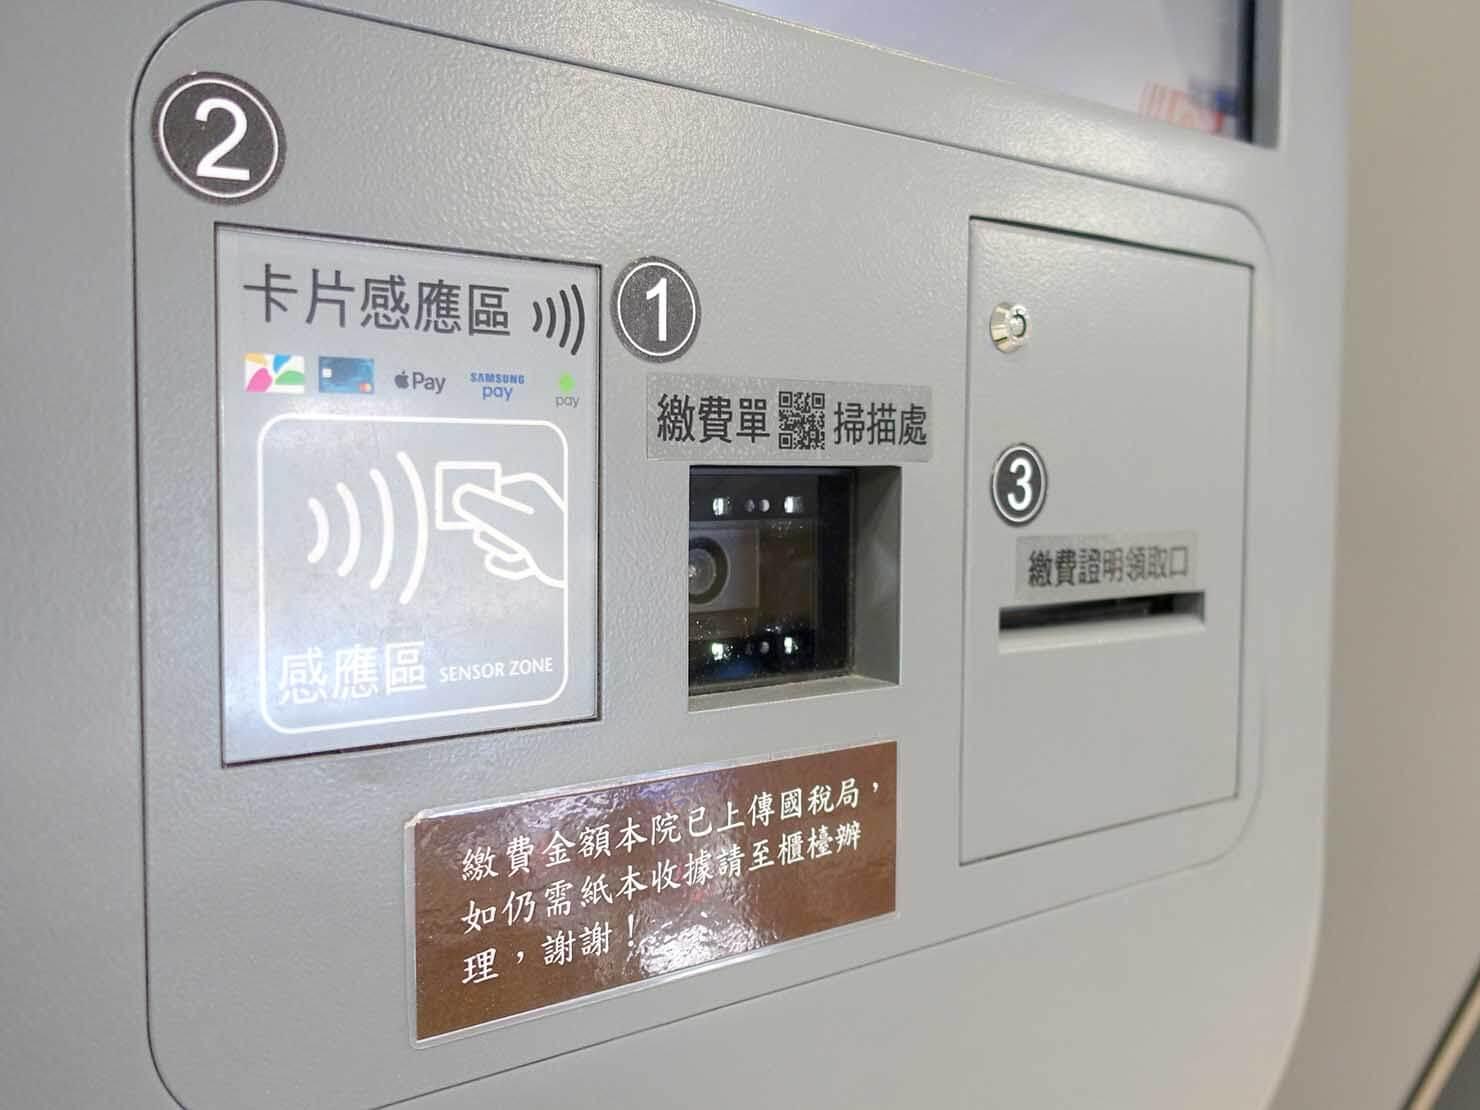 台北・國泰綜合醫院の自動繳費機センサー